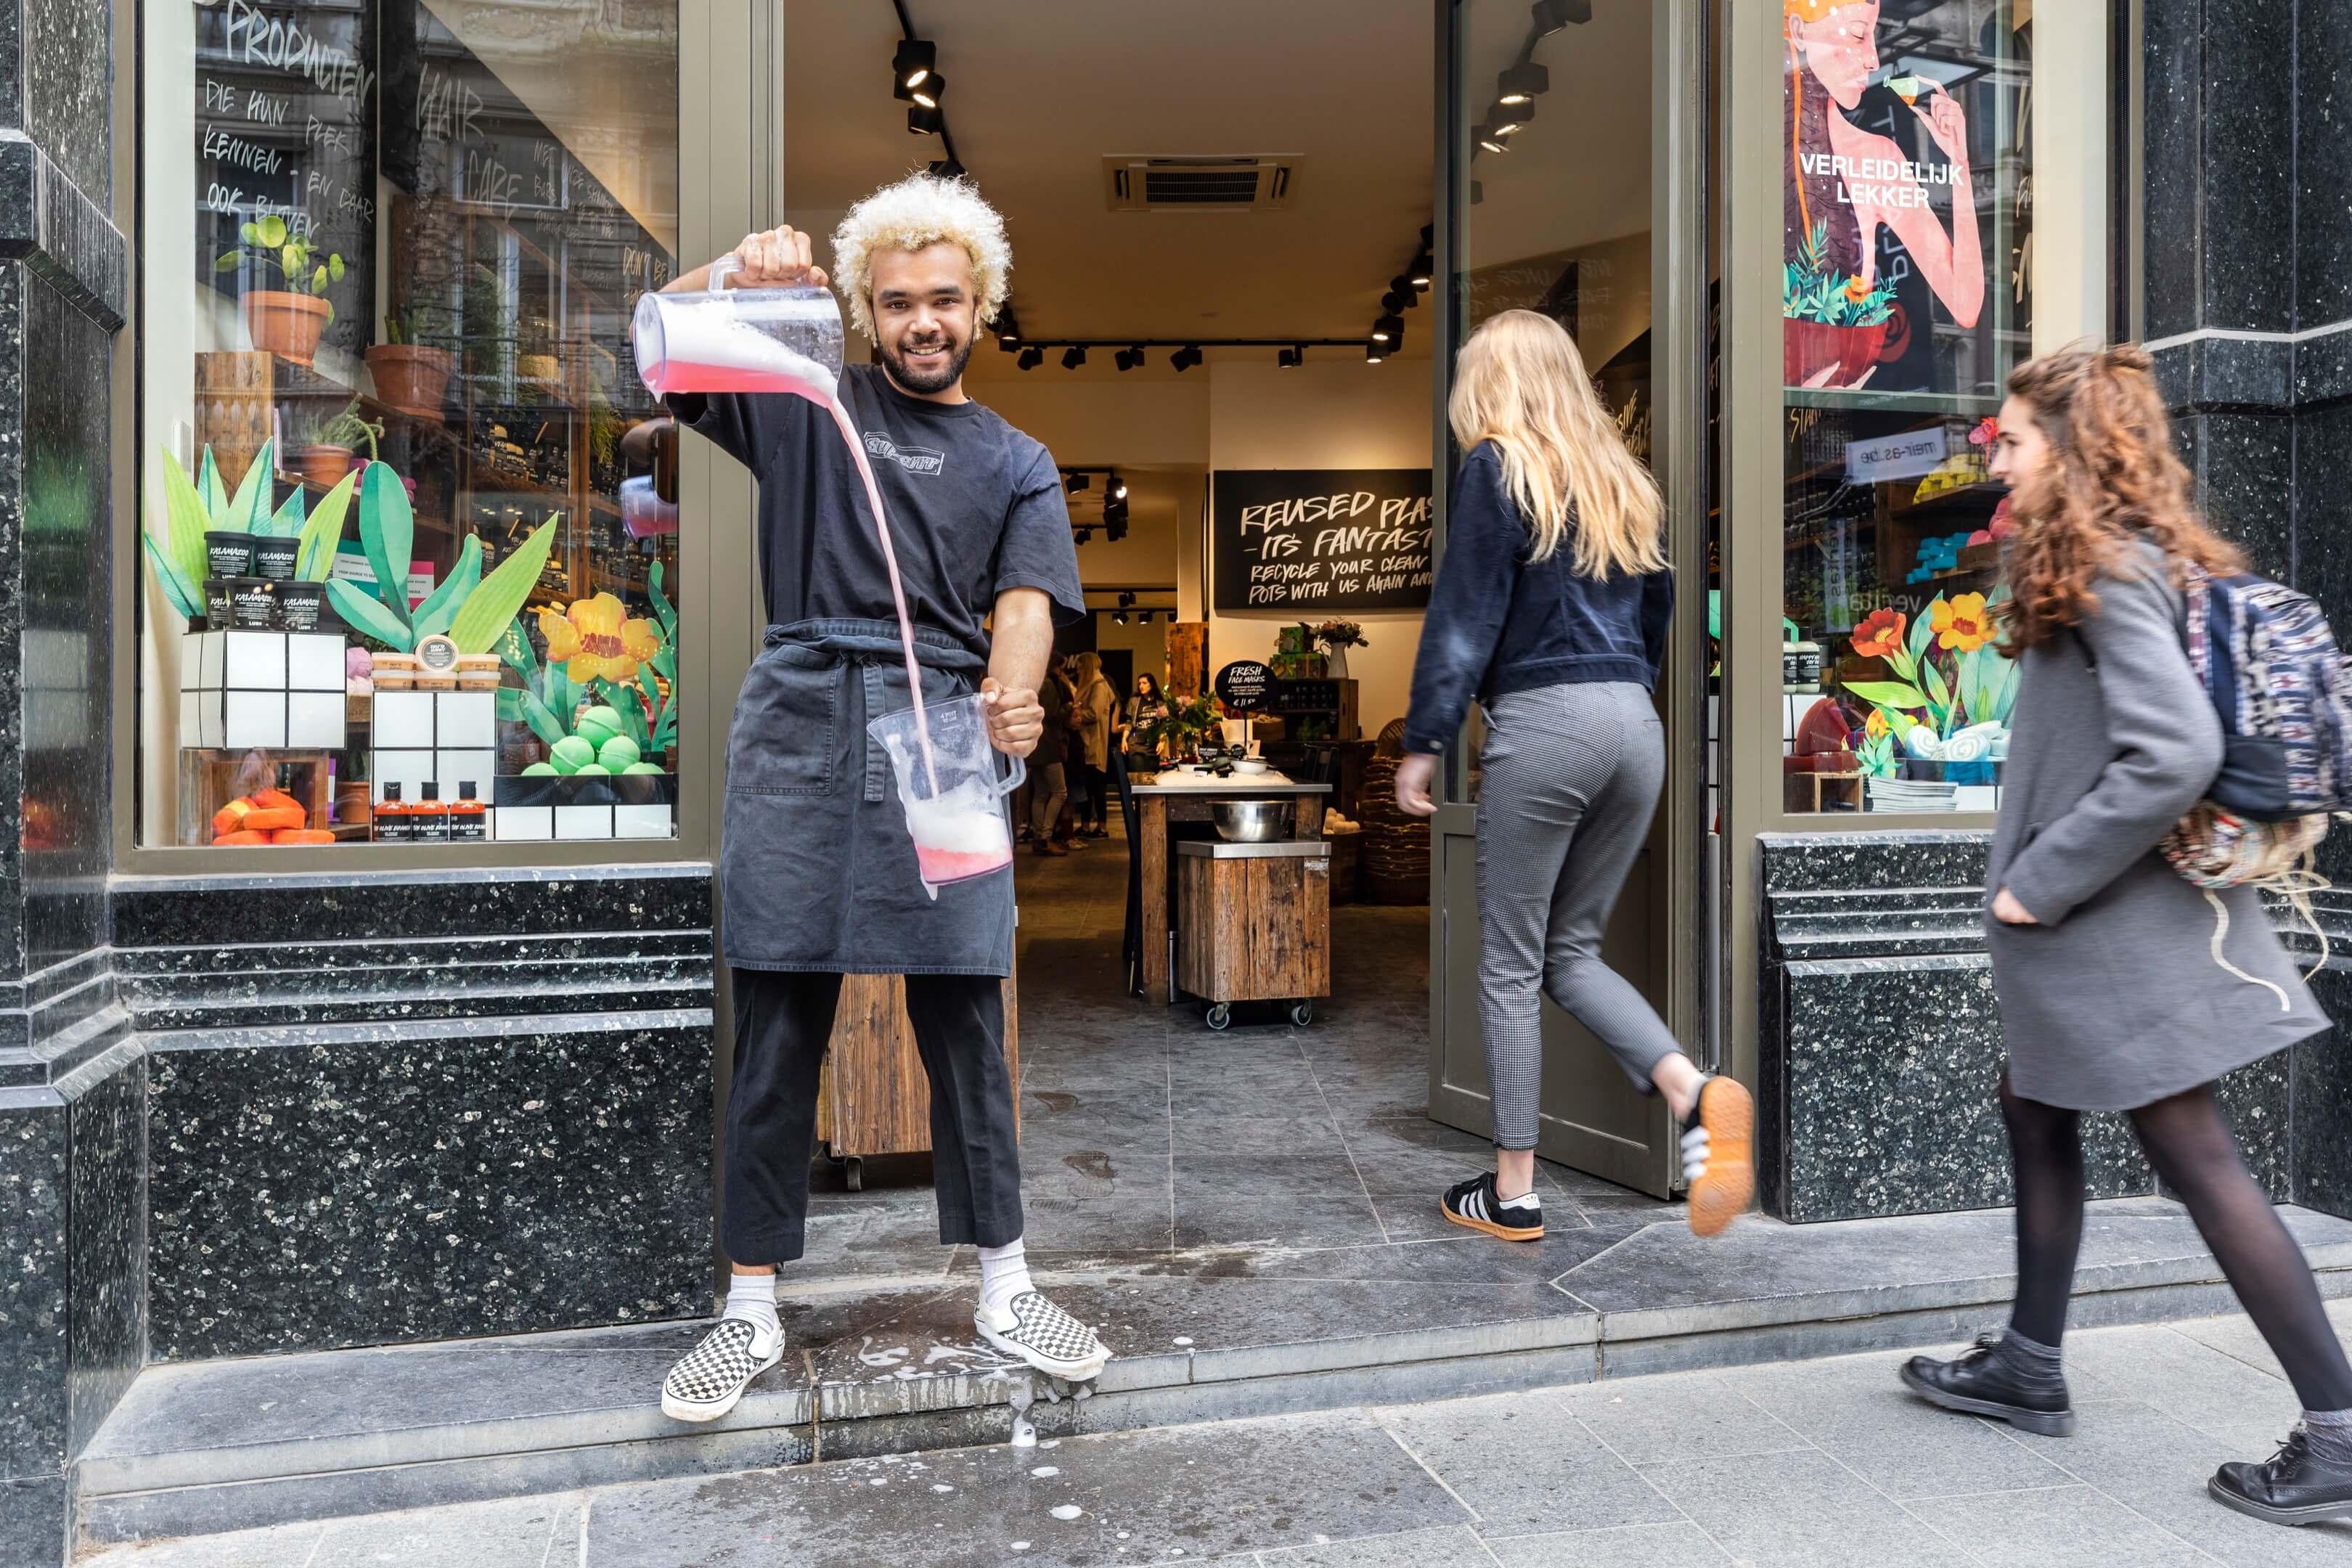 boek Circles of retail Boom beroepsonderwijs Sarphati Jurjen Poeles fotografie reportage retailconcept winkel shopping winkelen Lush Meir Antwerpen België